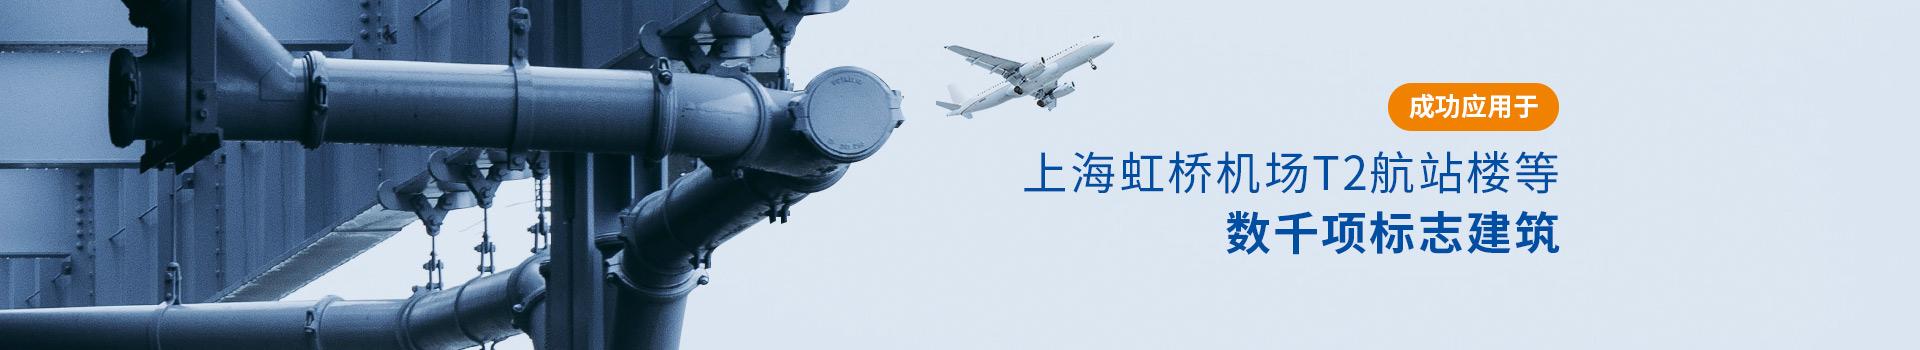 中亚保温材料应用案例